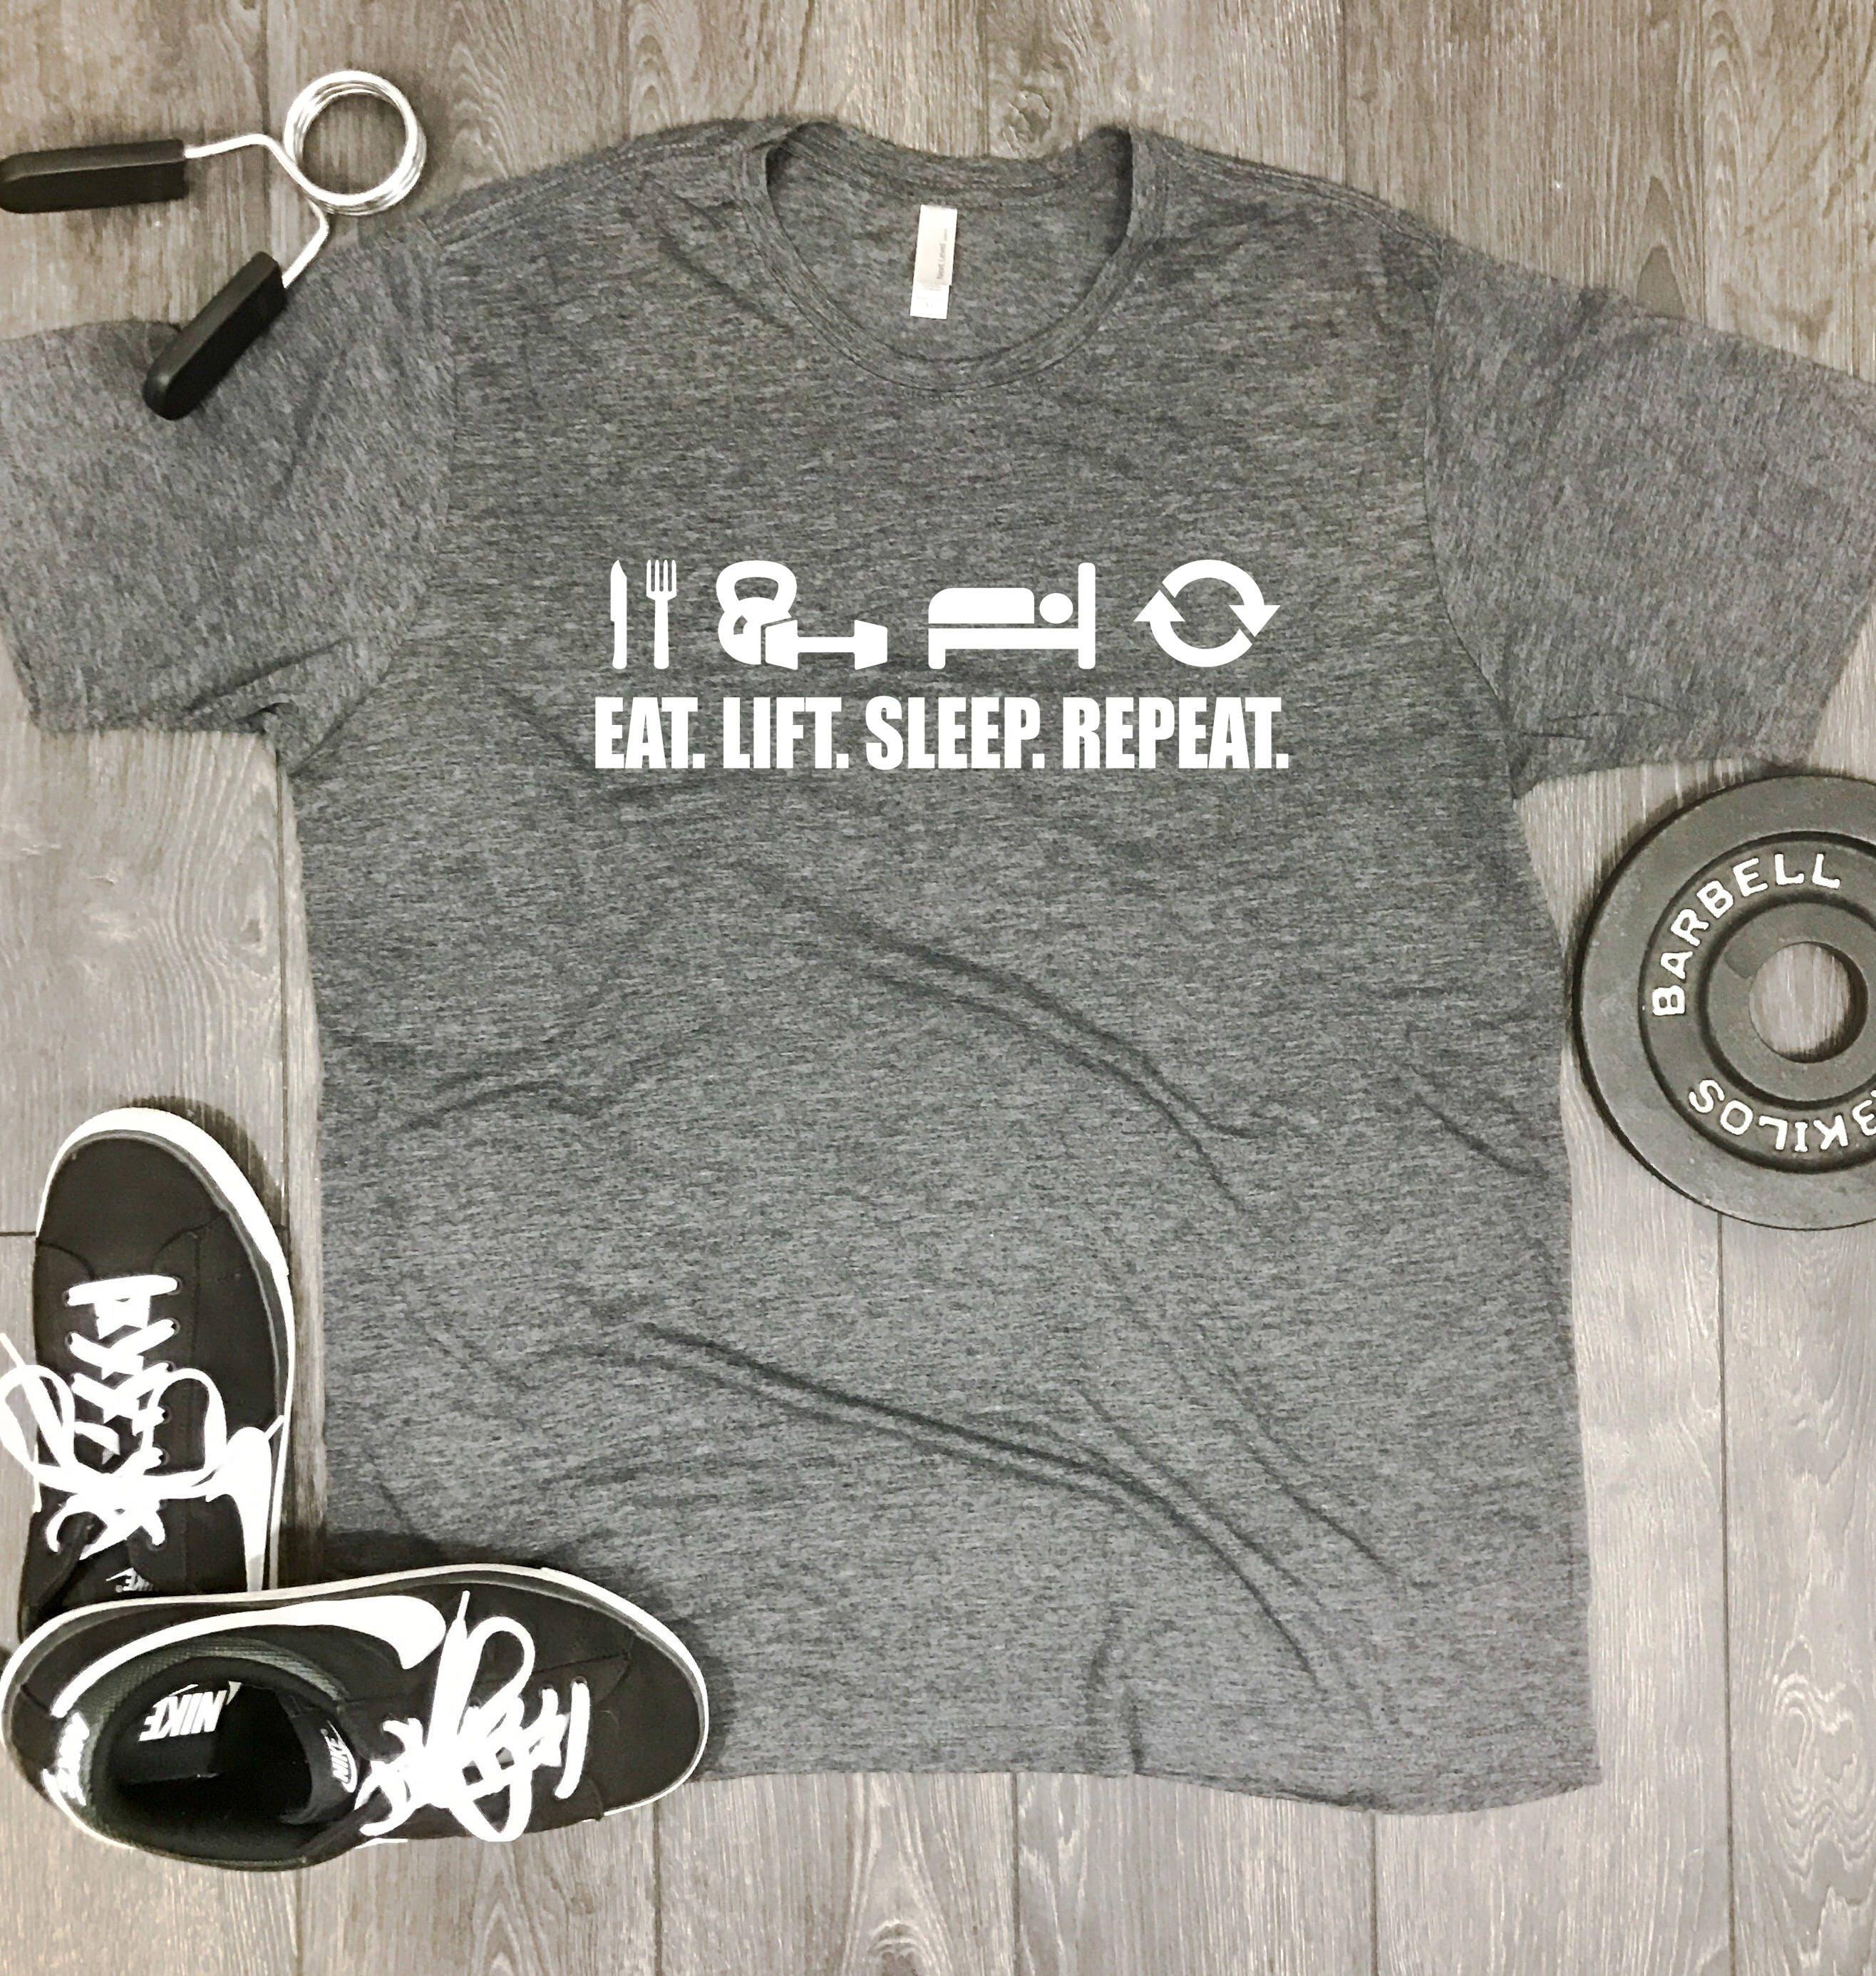 73659eb7406 eat lift sleep repeat mens gym shirt